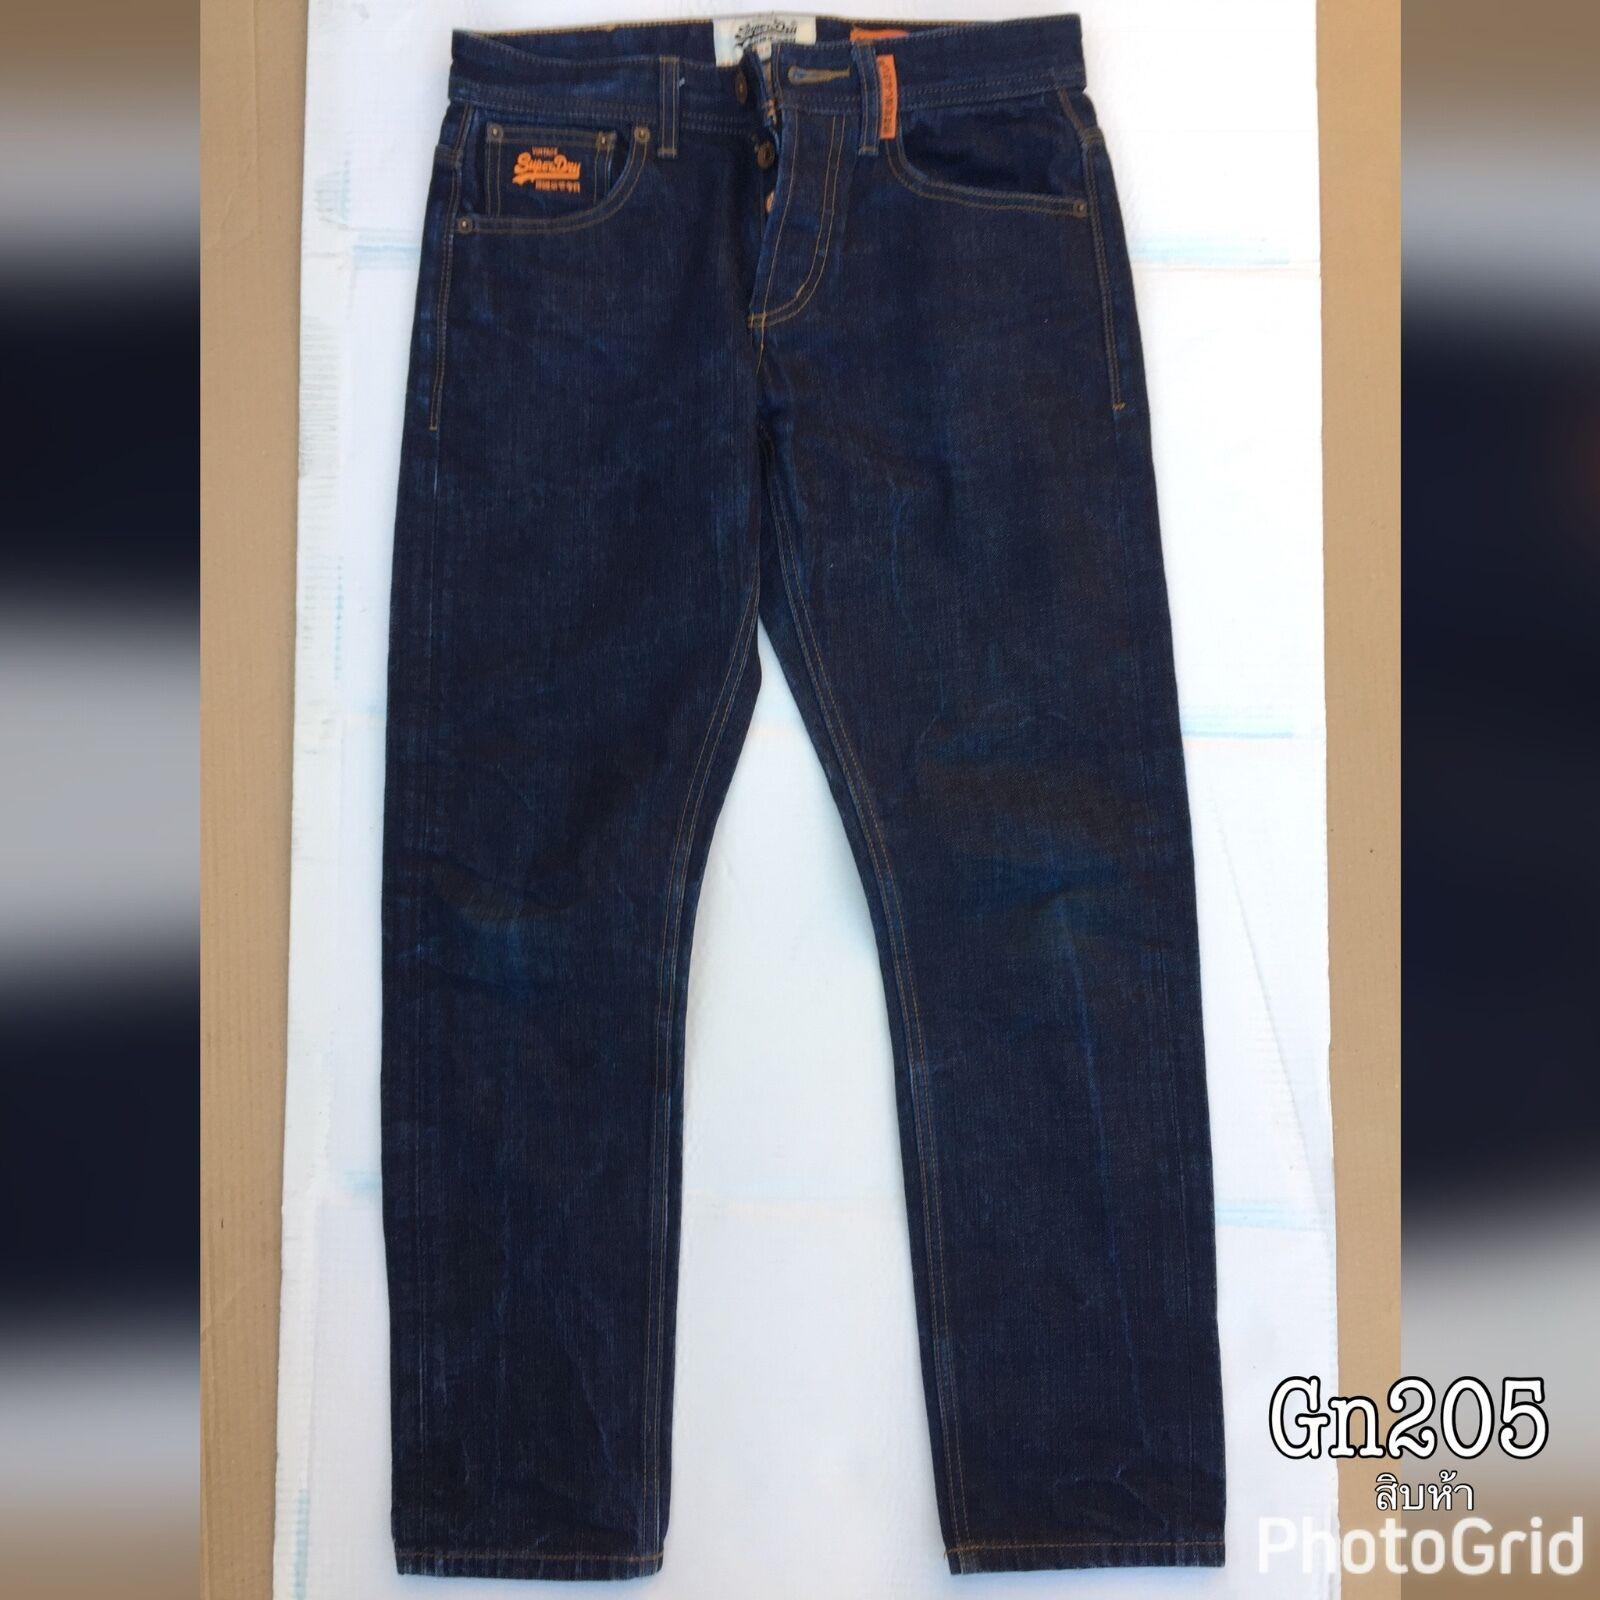 Camicia da uomo blu jeans denim lavato acido W32 L30 Autentico Loose Fit